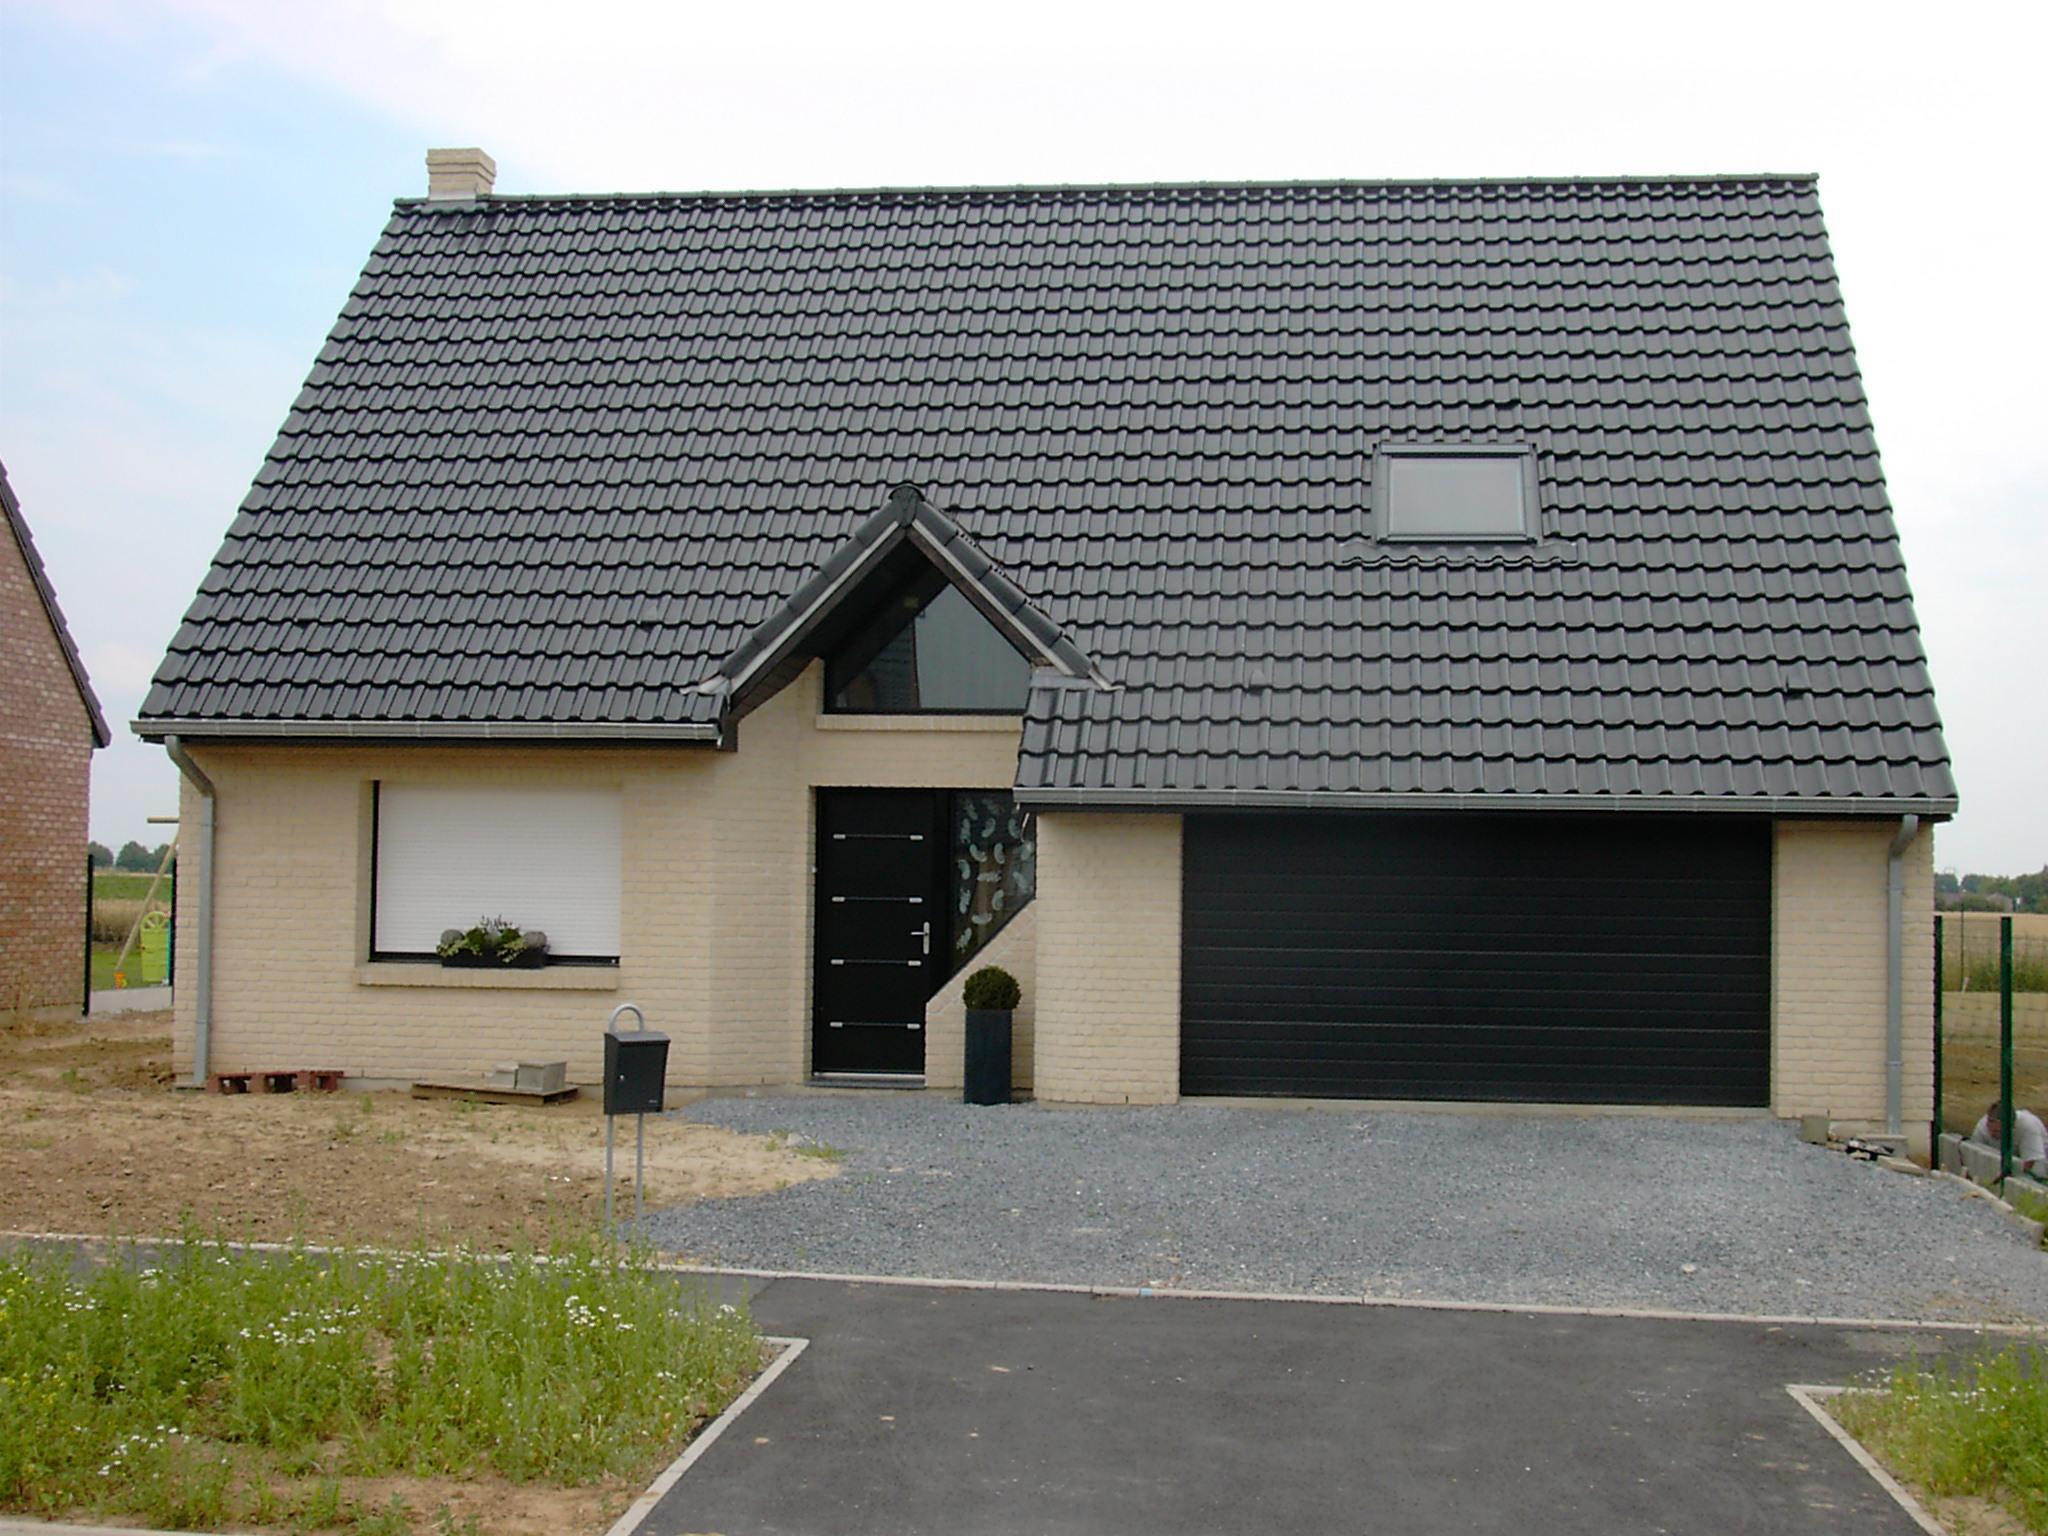 maison moderne nord-pas-de-calais